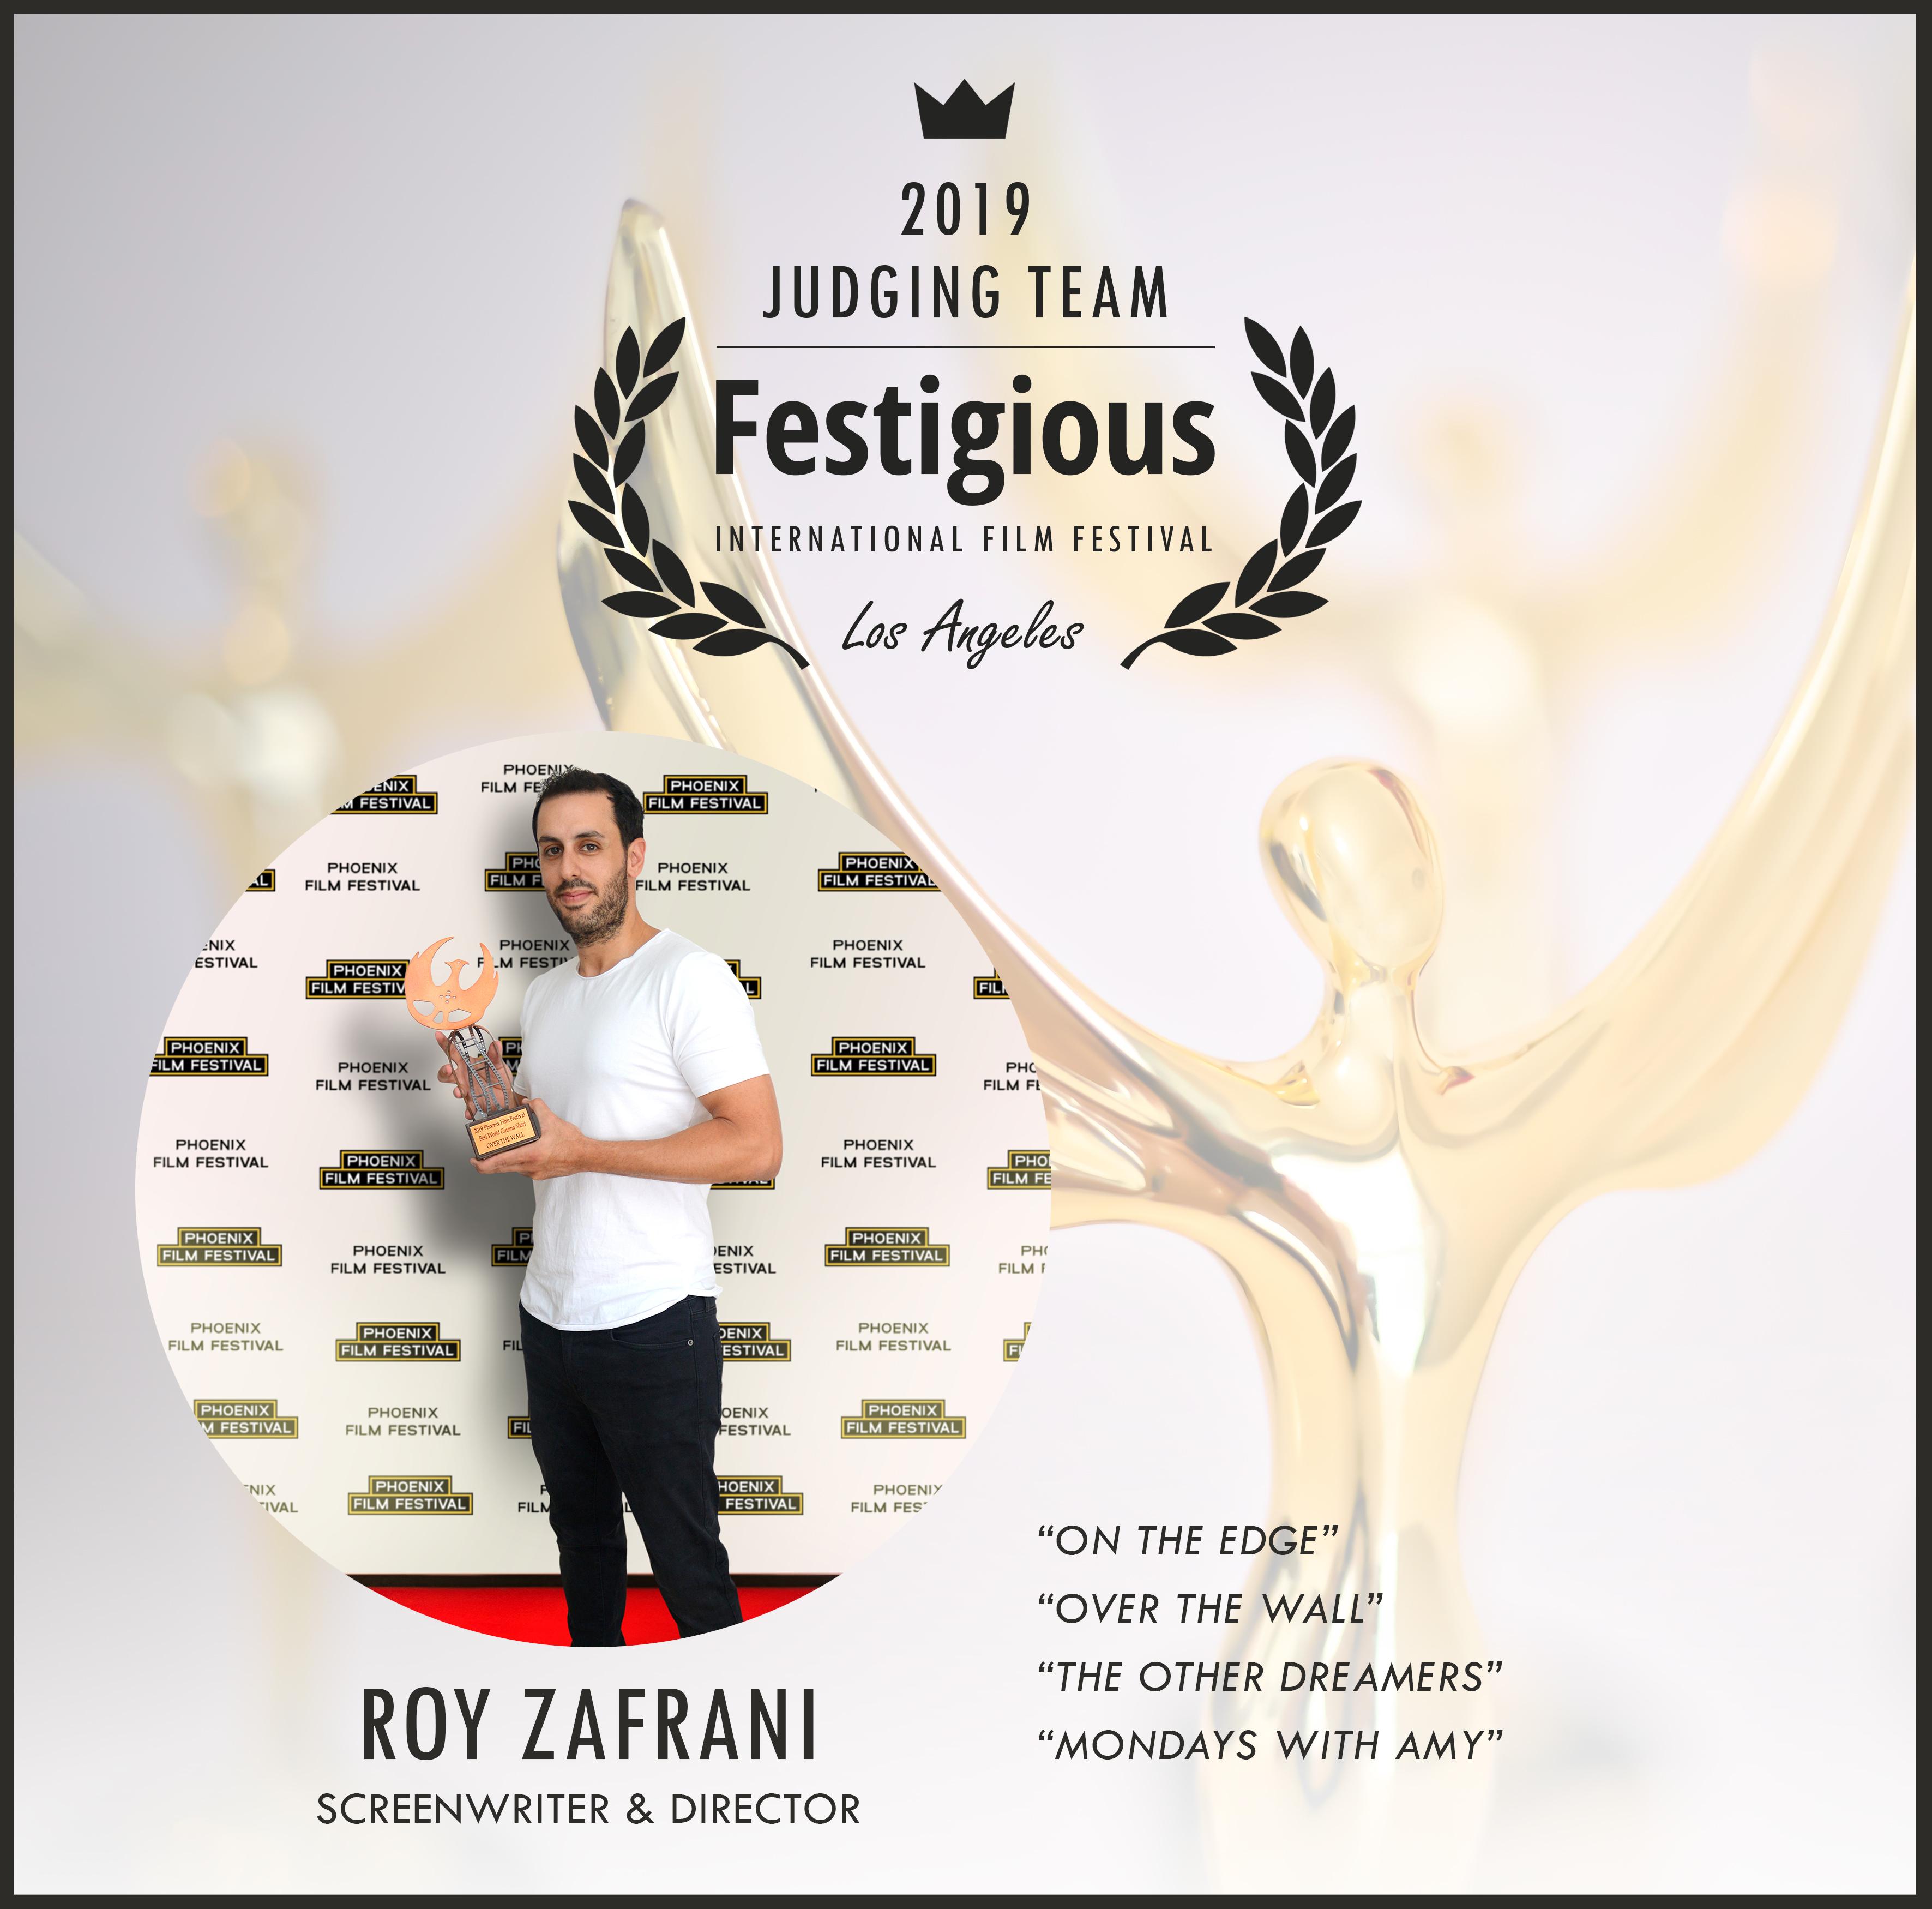 Roy Zafrani Festigious